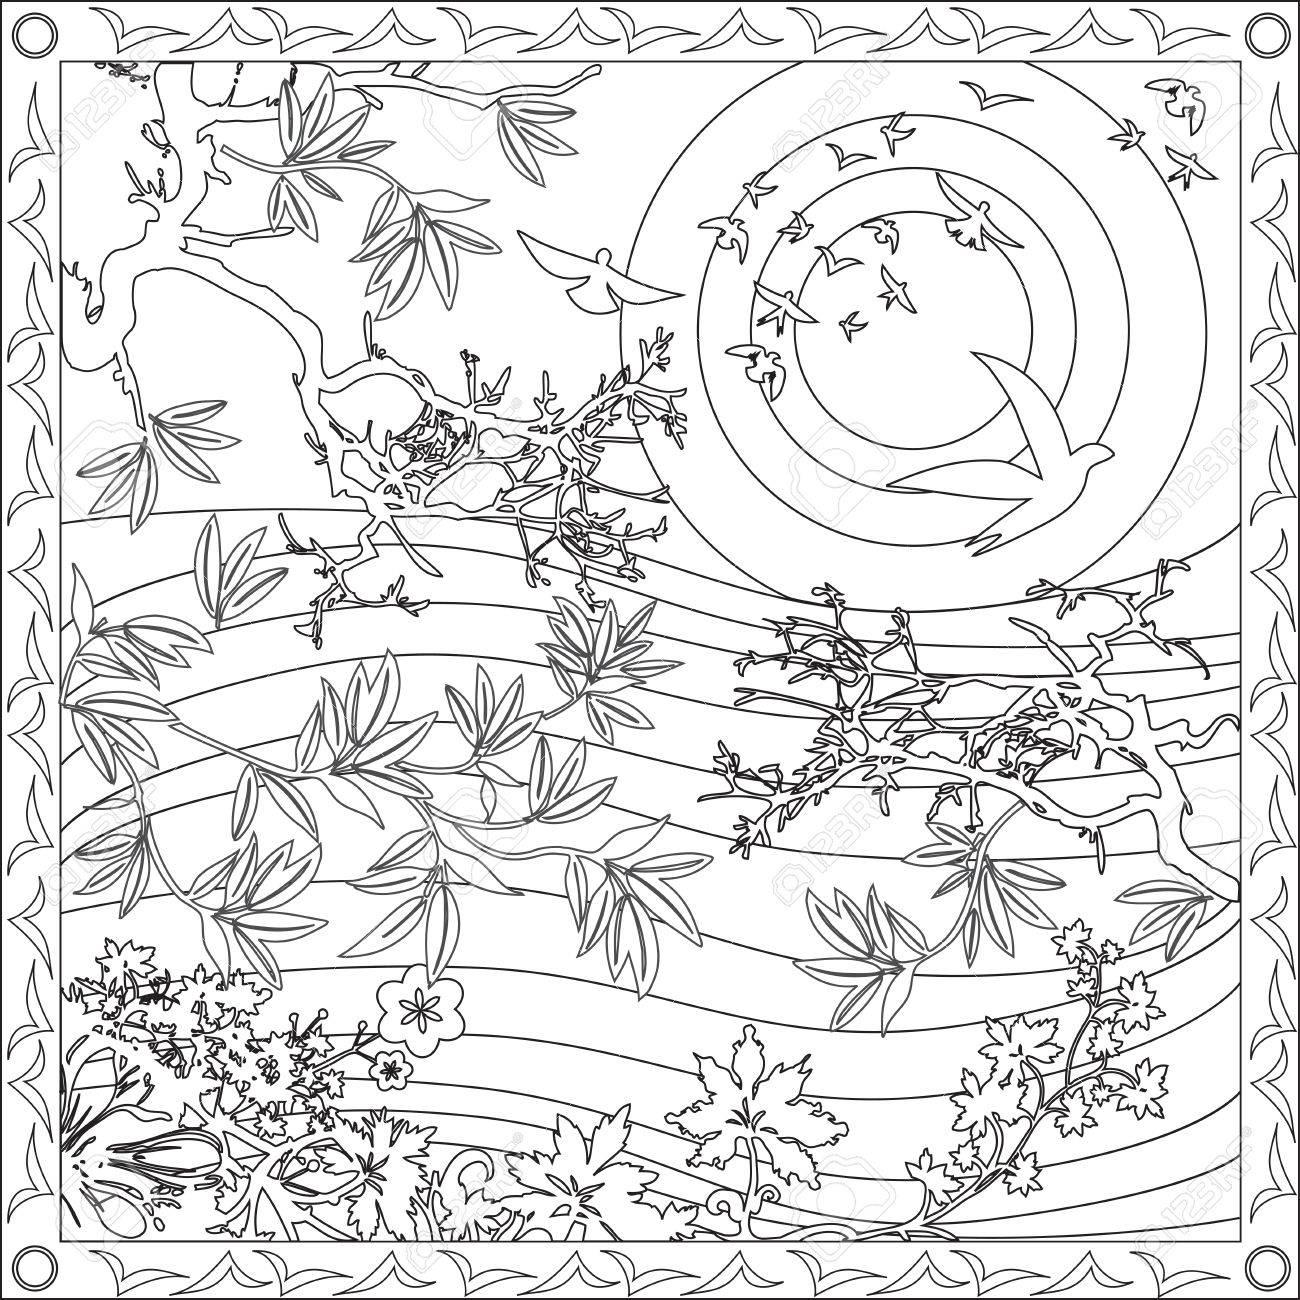 太陽大人スクエア フォーマット竹の塗り絵ページ鳥のイラストをデザイン